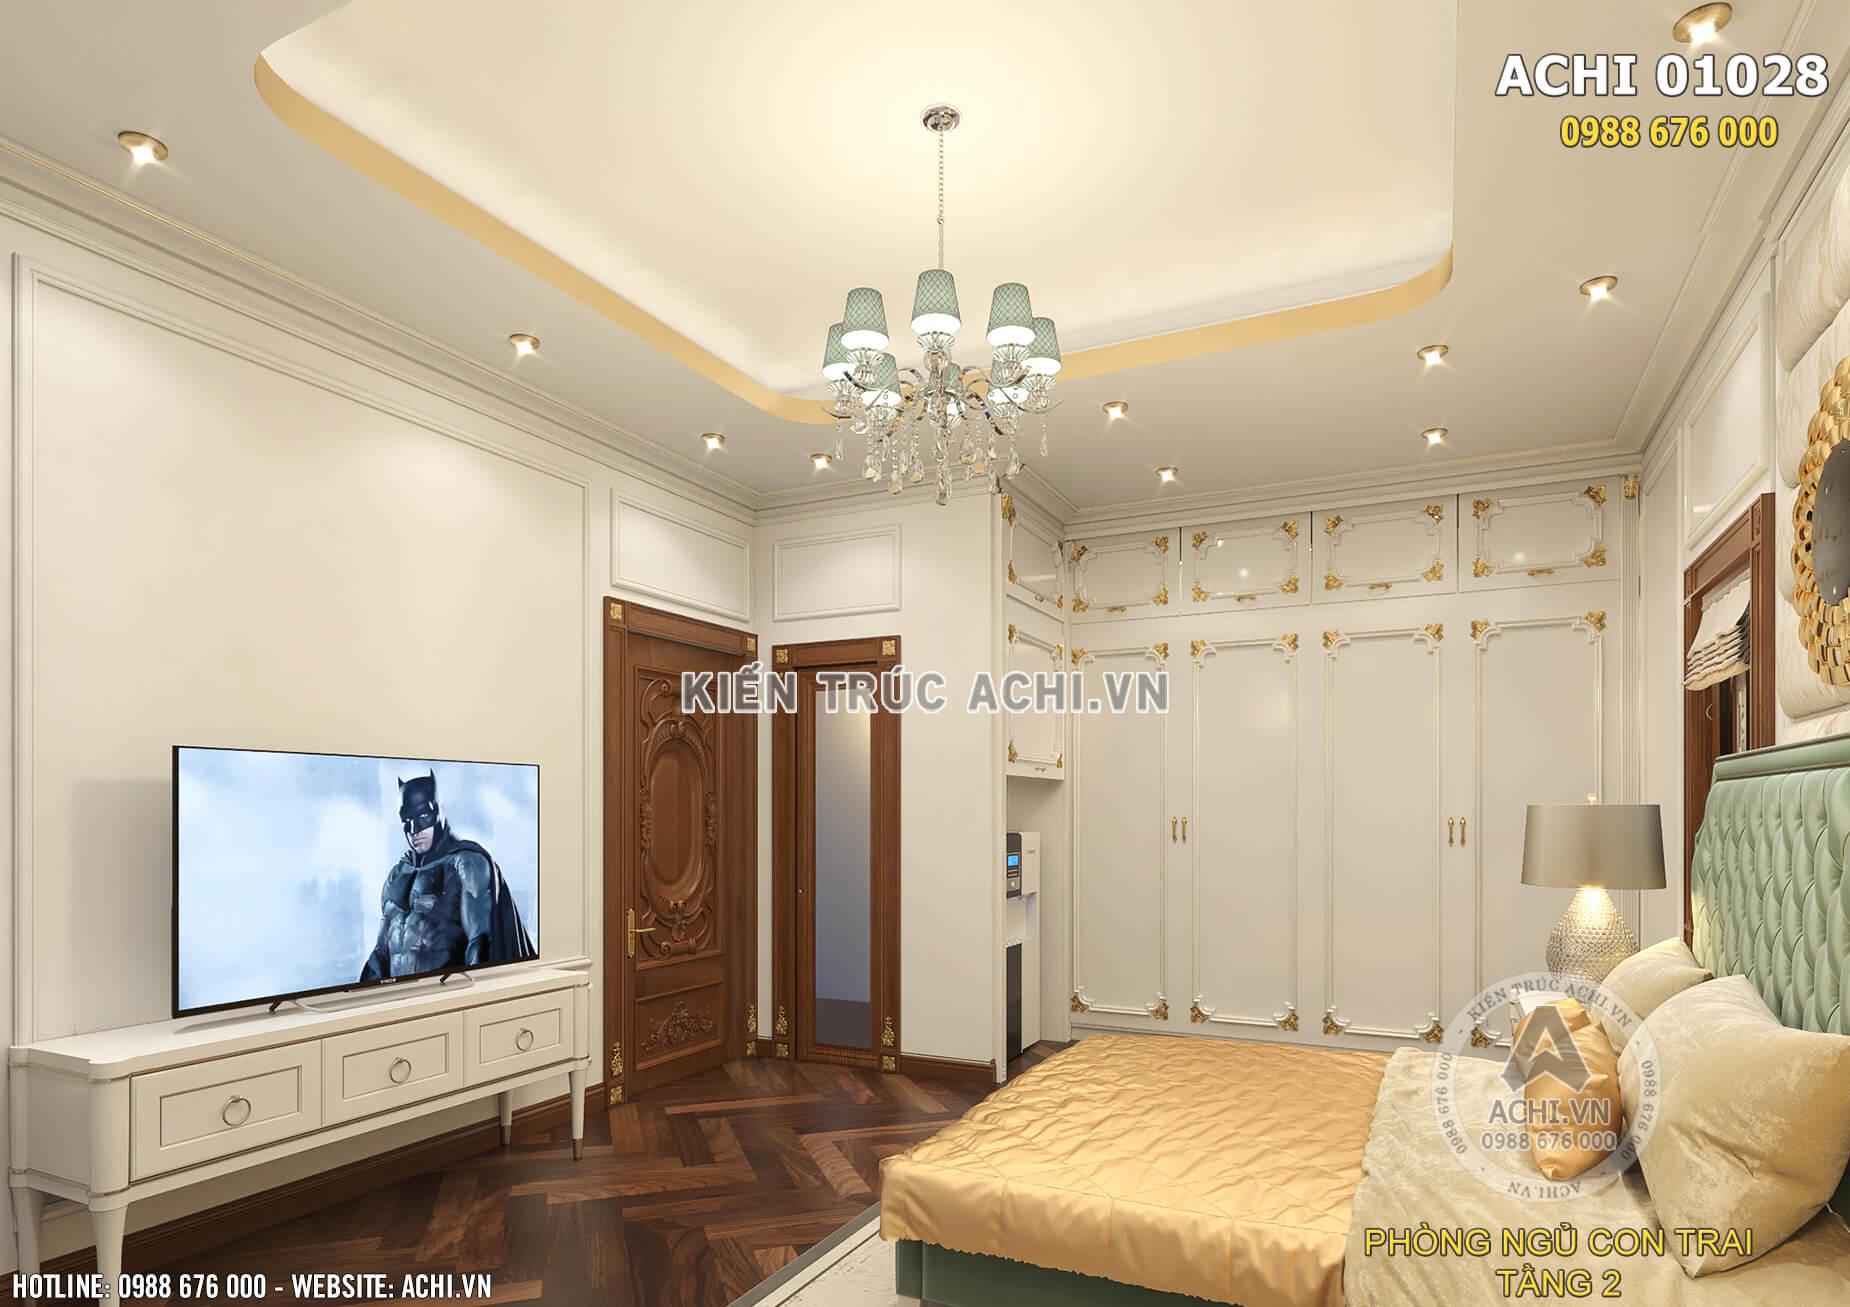 Mẫu thiết kế nội thất phòng ngủ cho con trai với màu xanh độc đáo